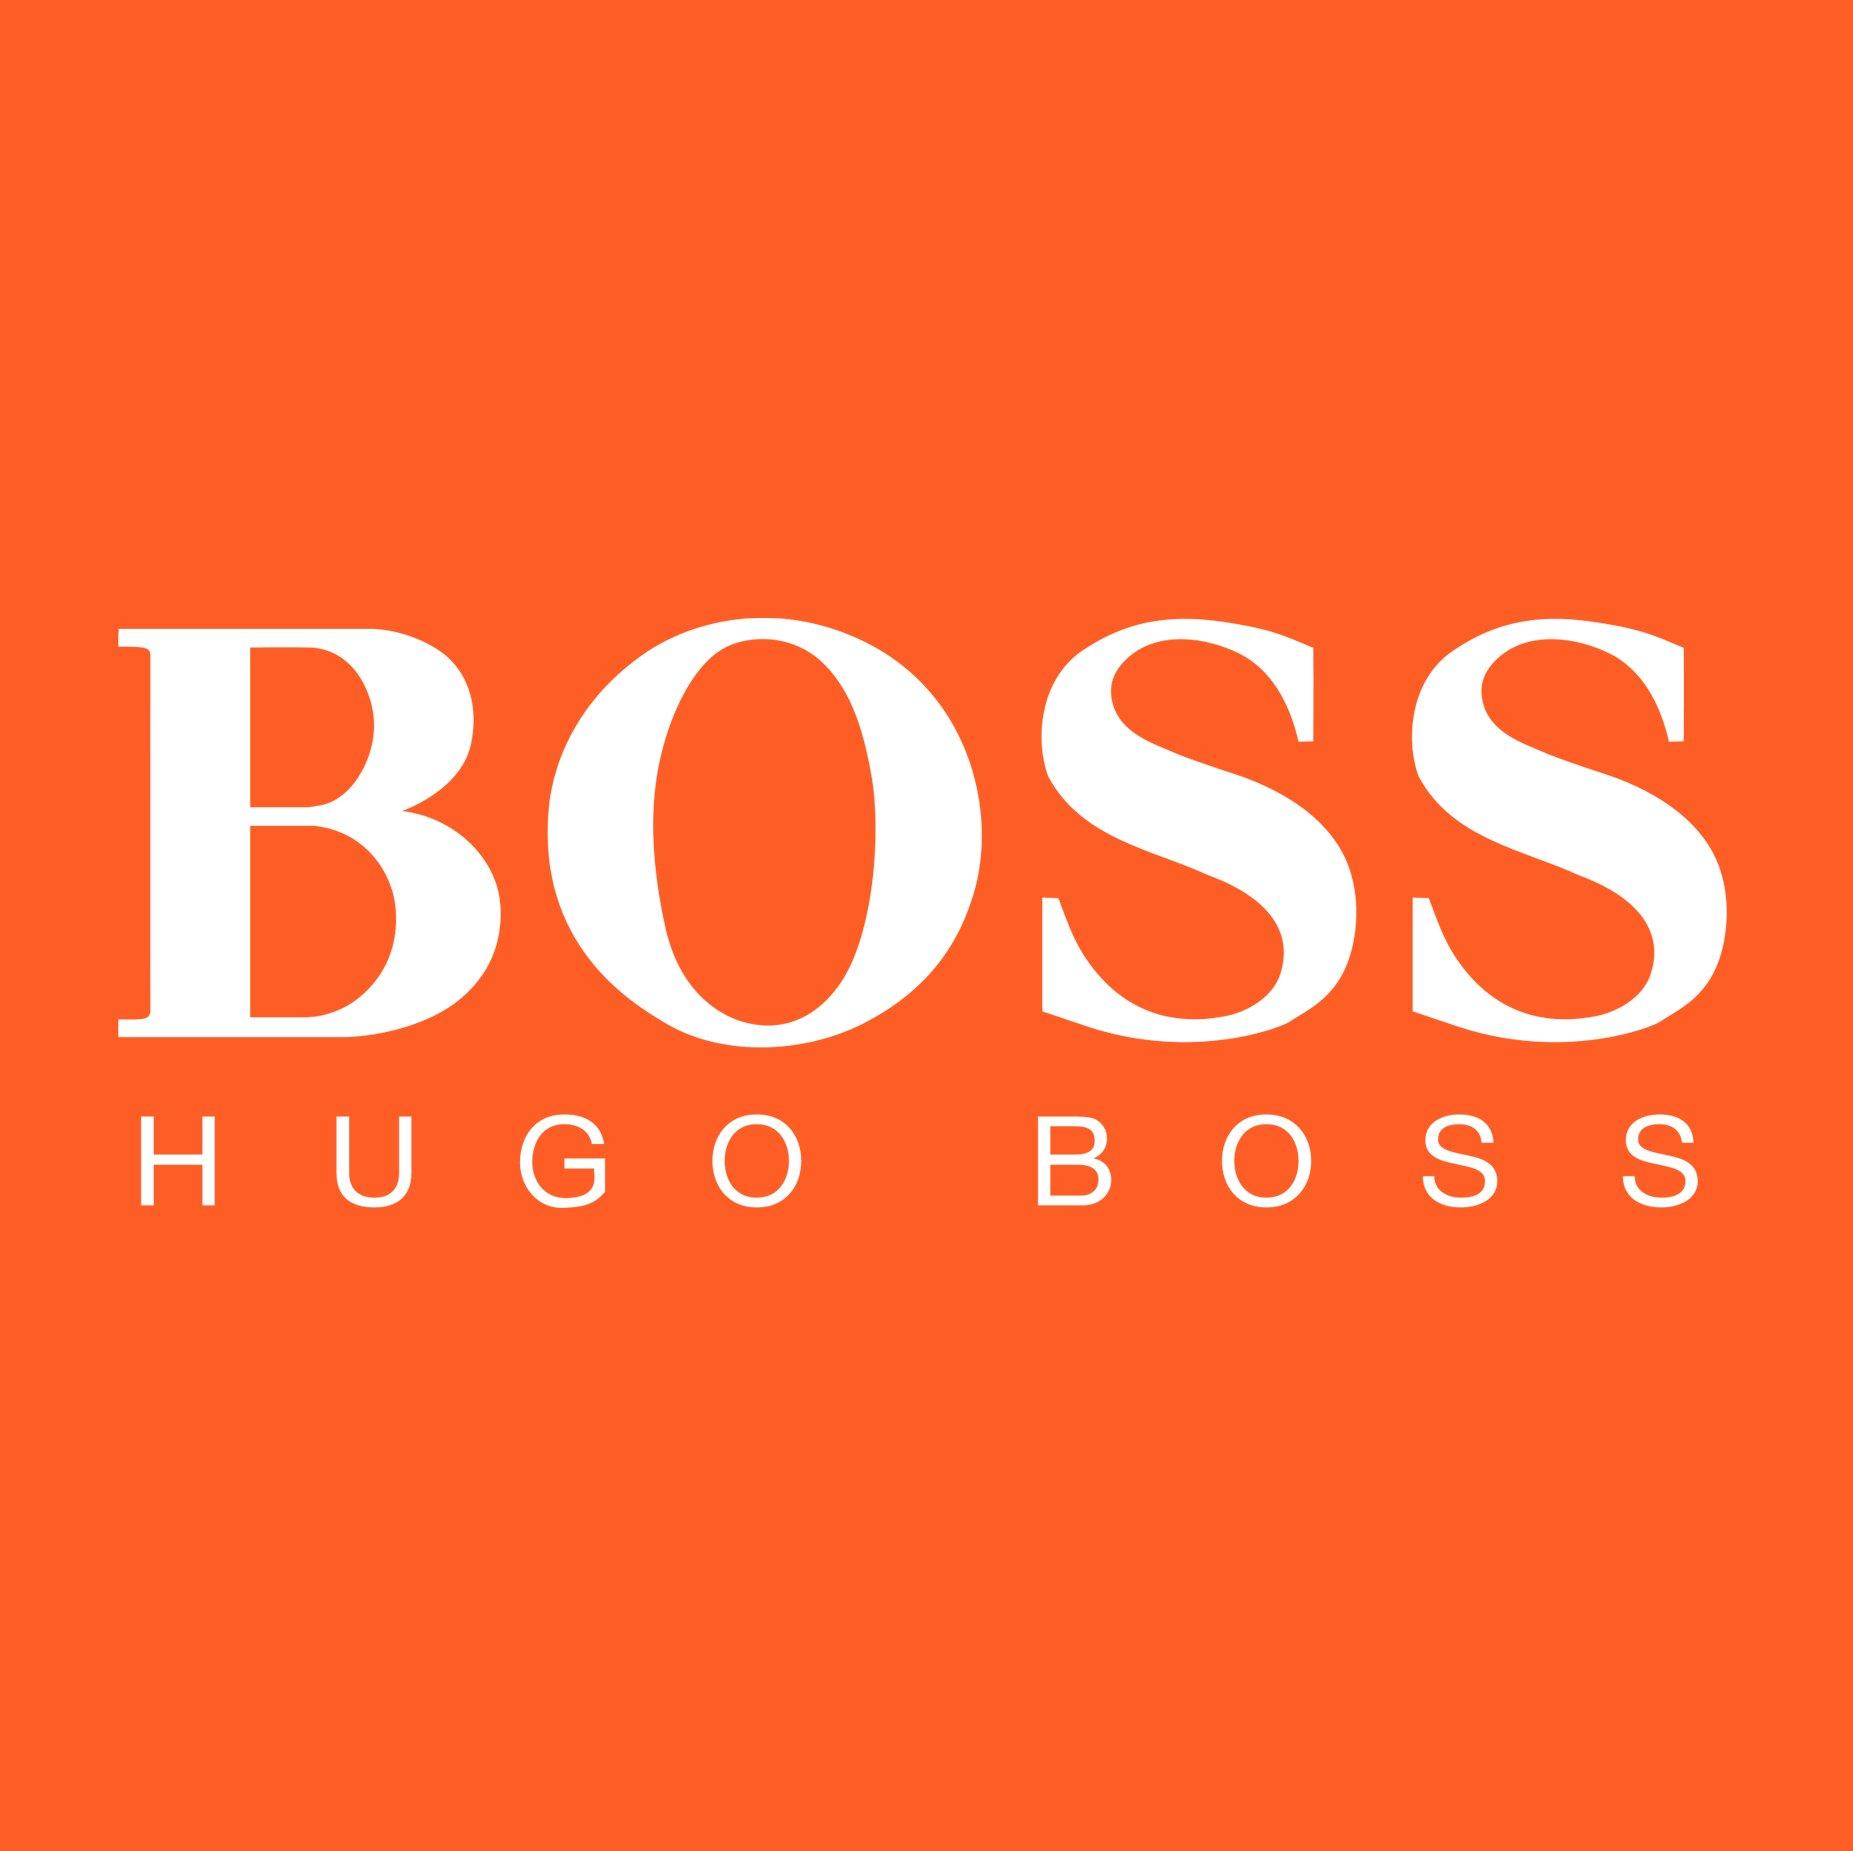 hugo boss orange logo - photo #1